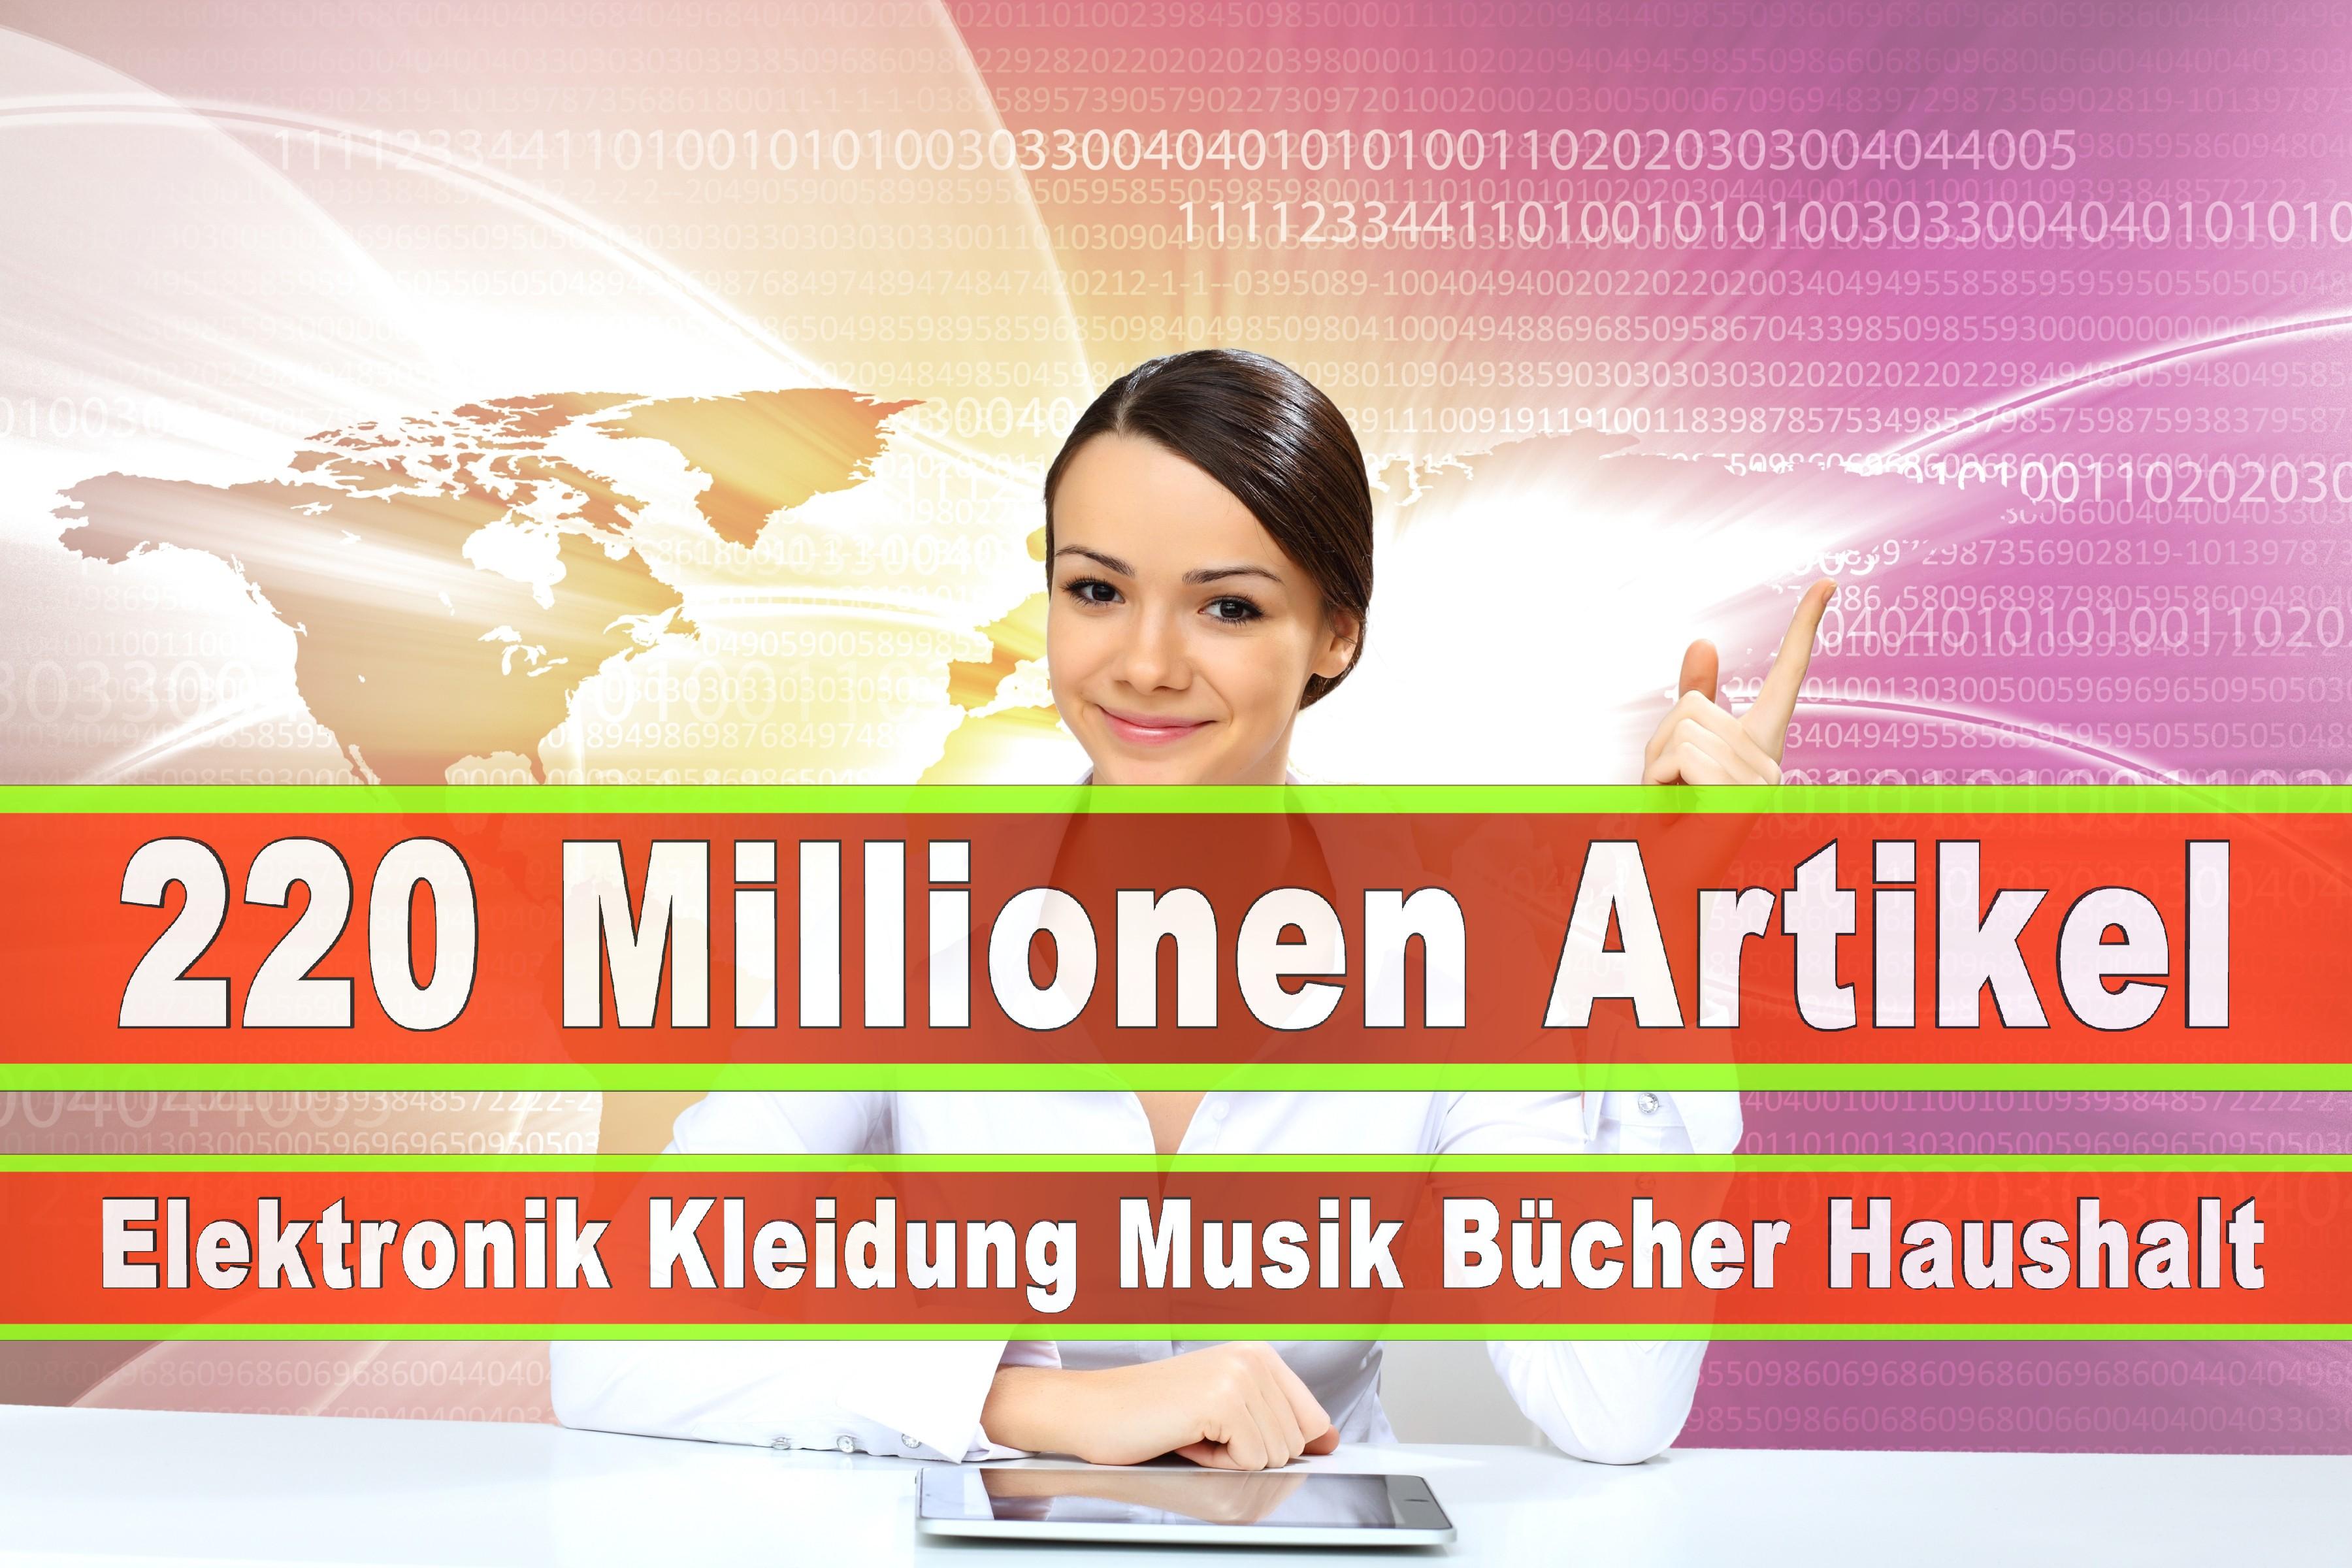 Amazon Elektronik Musik Haushalt Bücher CD DVD Handys Smartphones TV Television Fernseher Kleidung Mode Ebay Versandhaus (95)